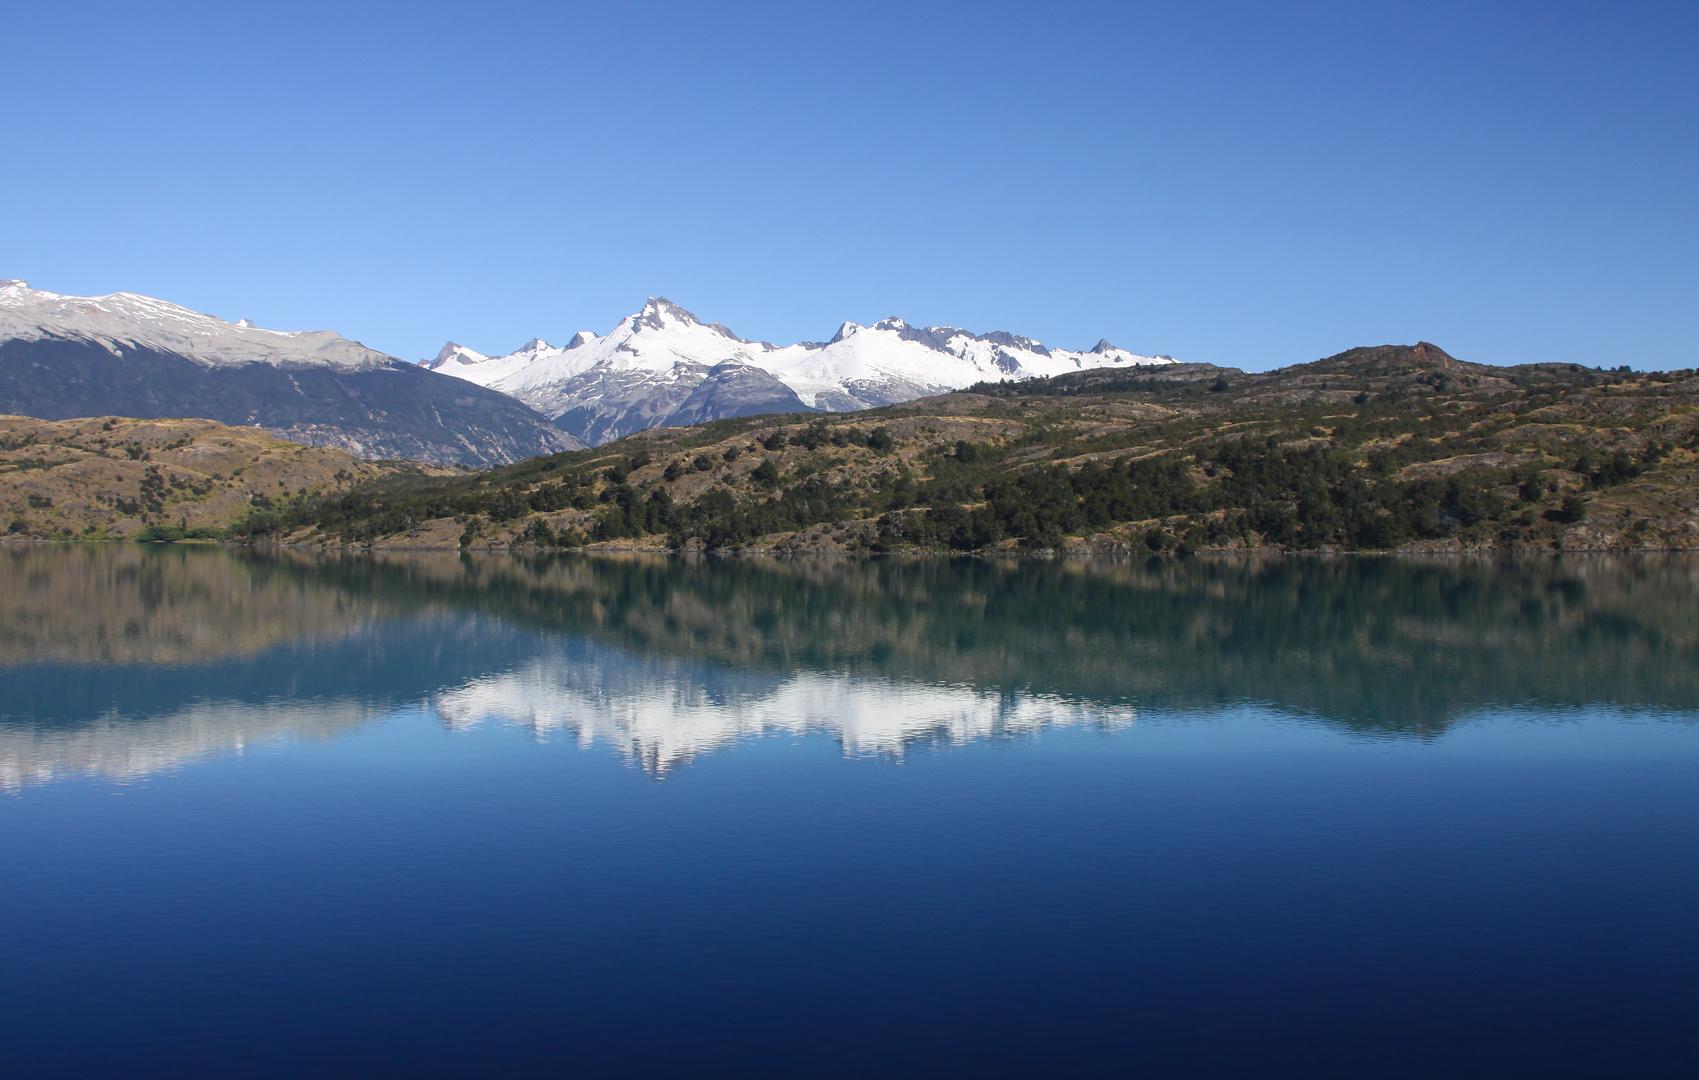 Blauer See und weiße Berge